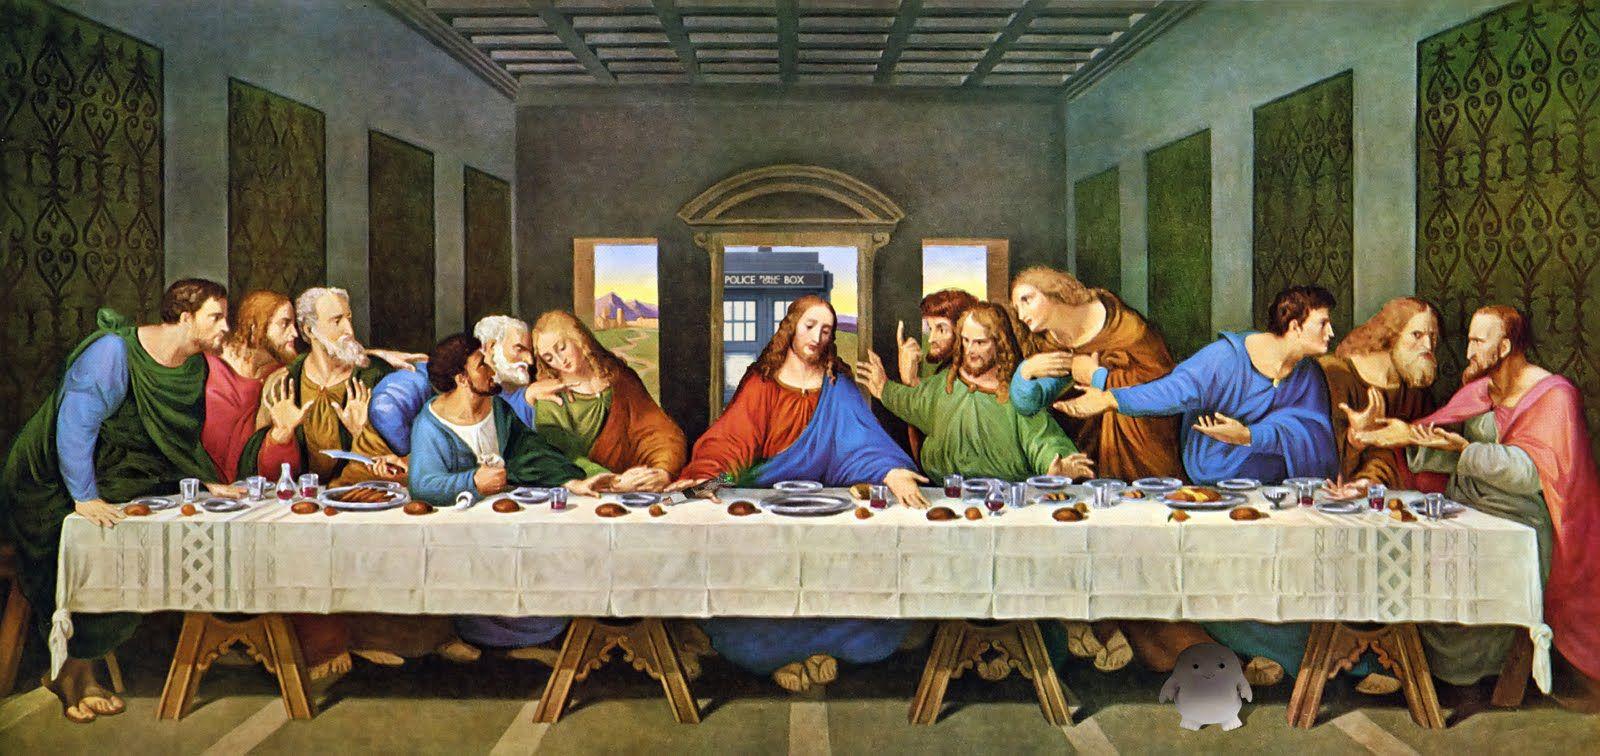 Lastsupperwho Jpg 1600 756 Cuadro De La última Cena La Ultima Cena Ultima Cena De Jesus